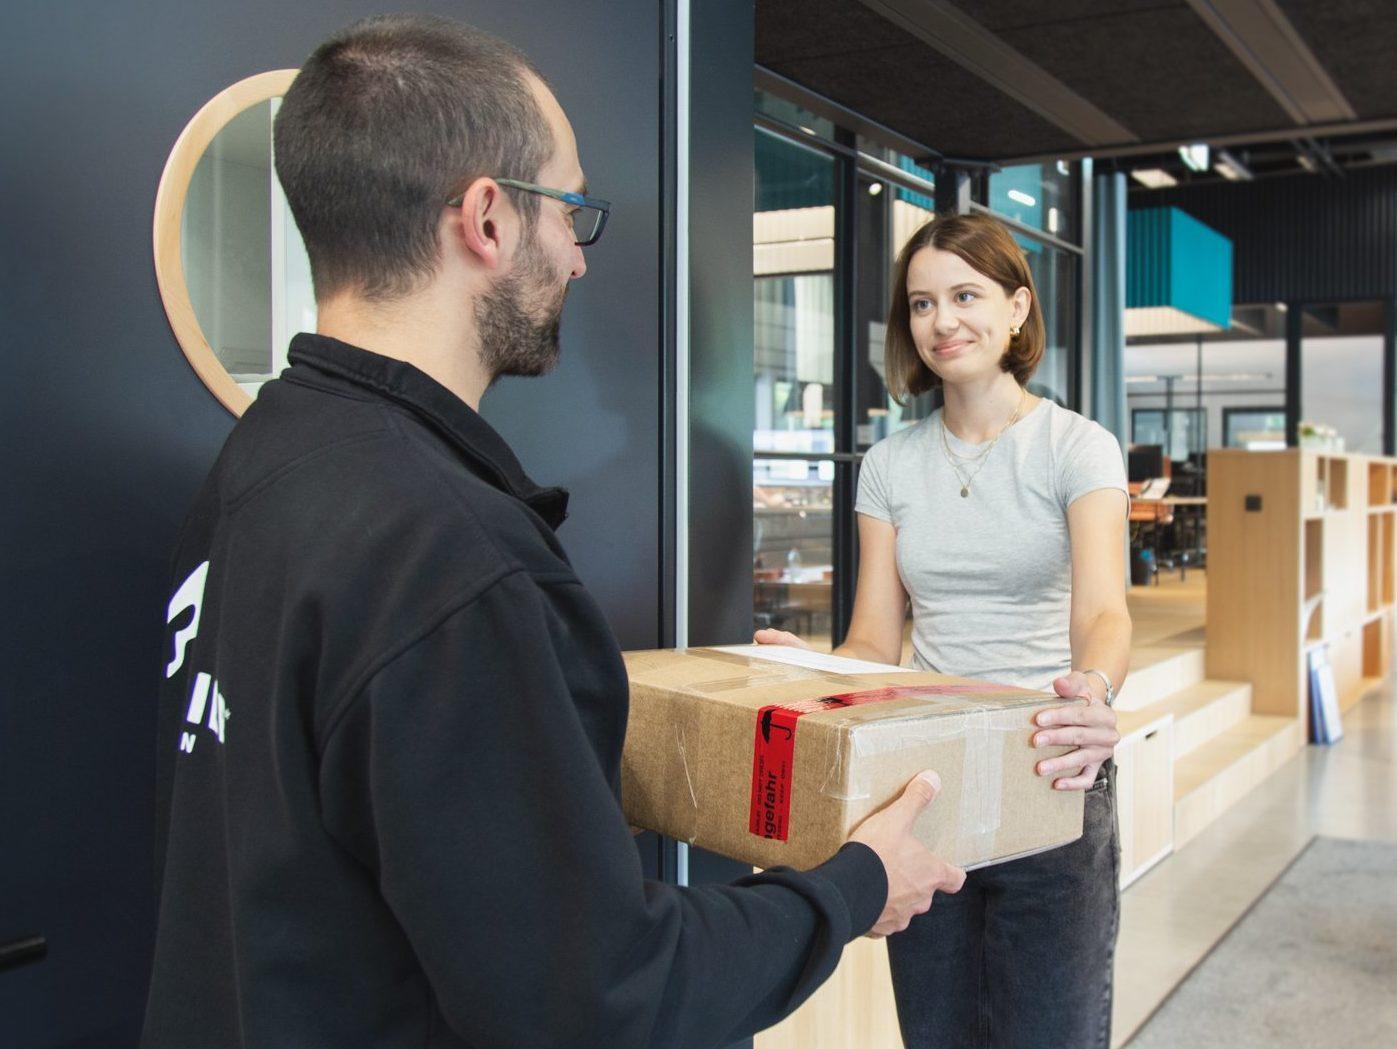 PostModern übergibt Paket an Privatkunde